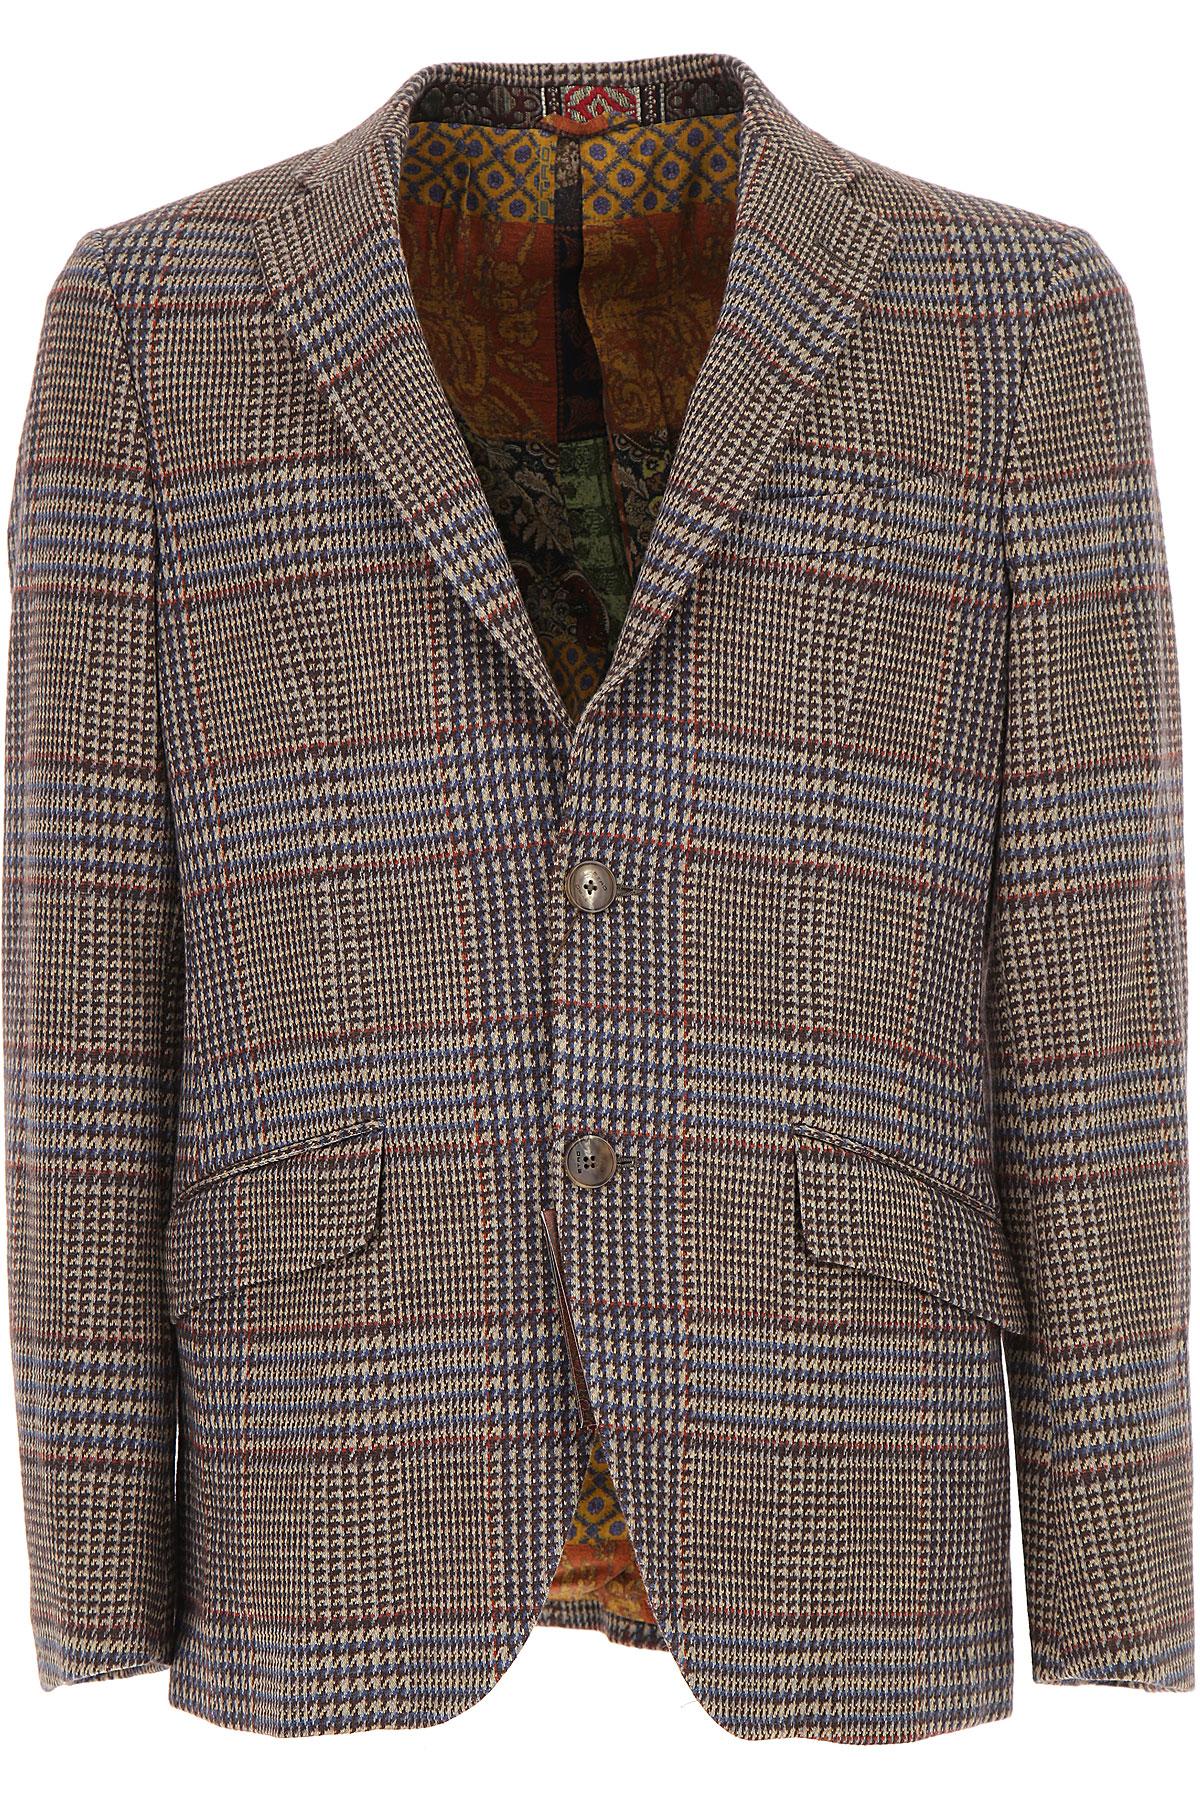 Image of Etro Blazer for Men, Sport Coat, Brown, Cotton, 2017, L M S XL